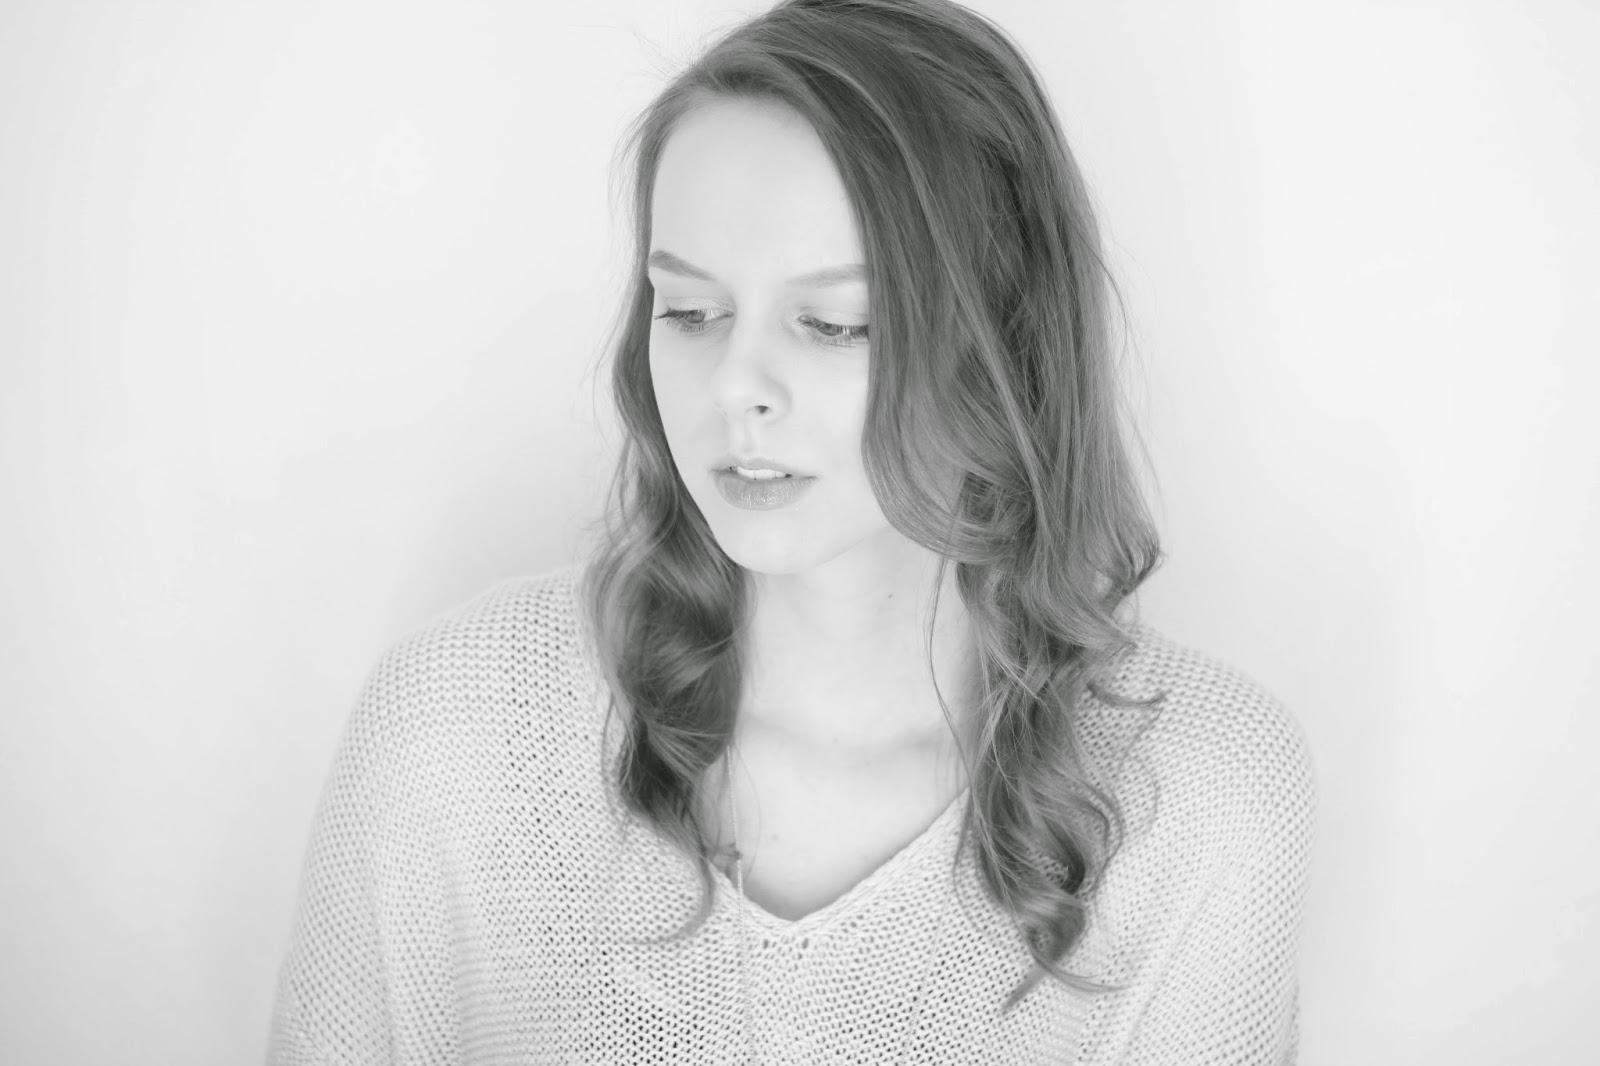 monochrome portretfotografie